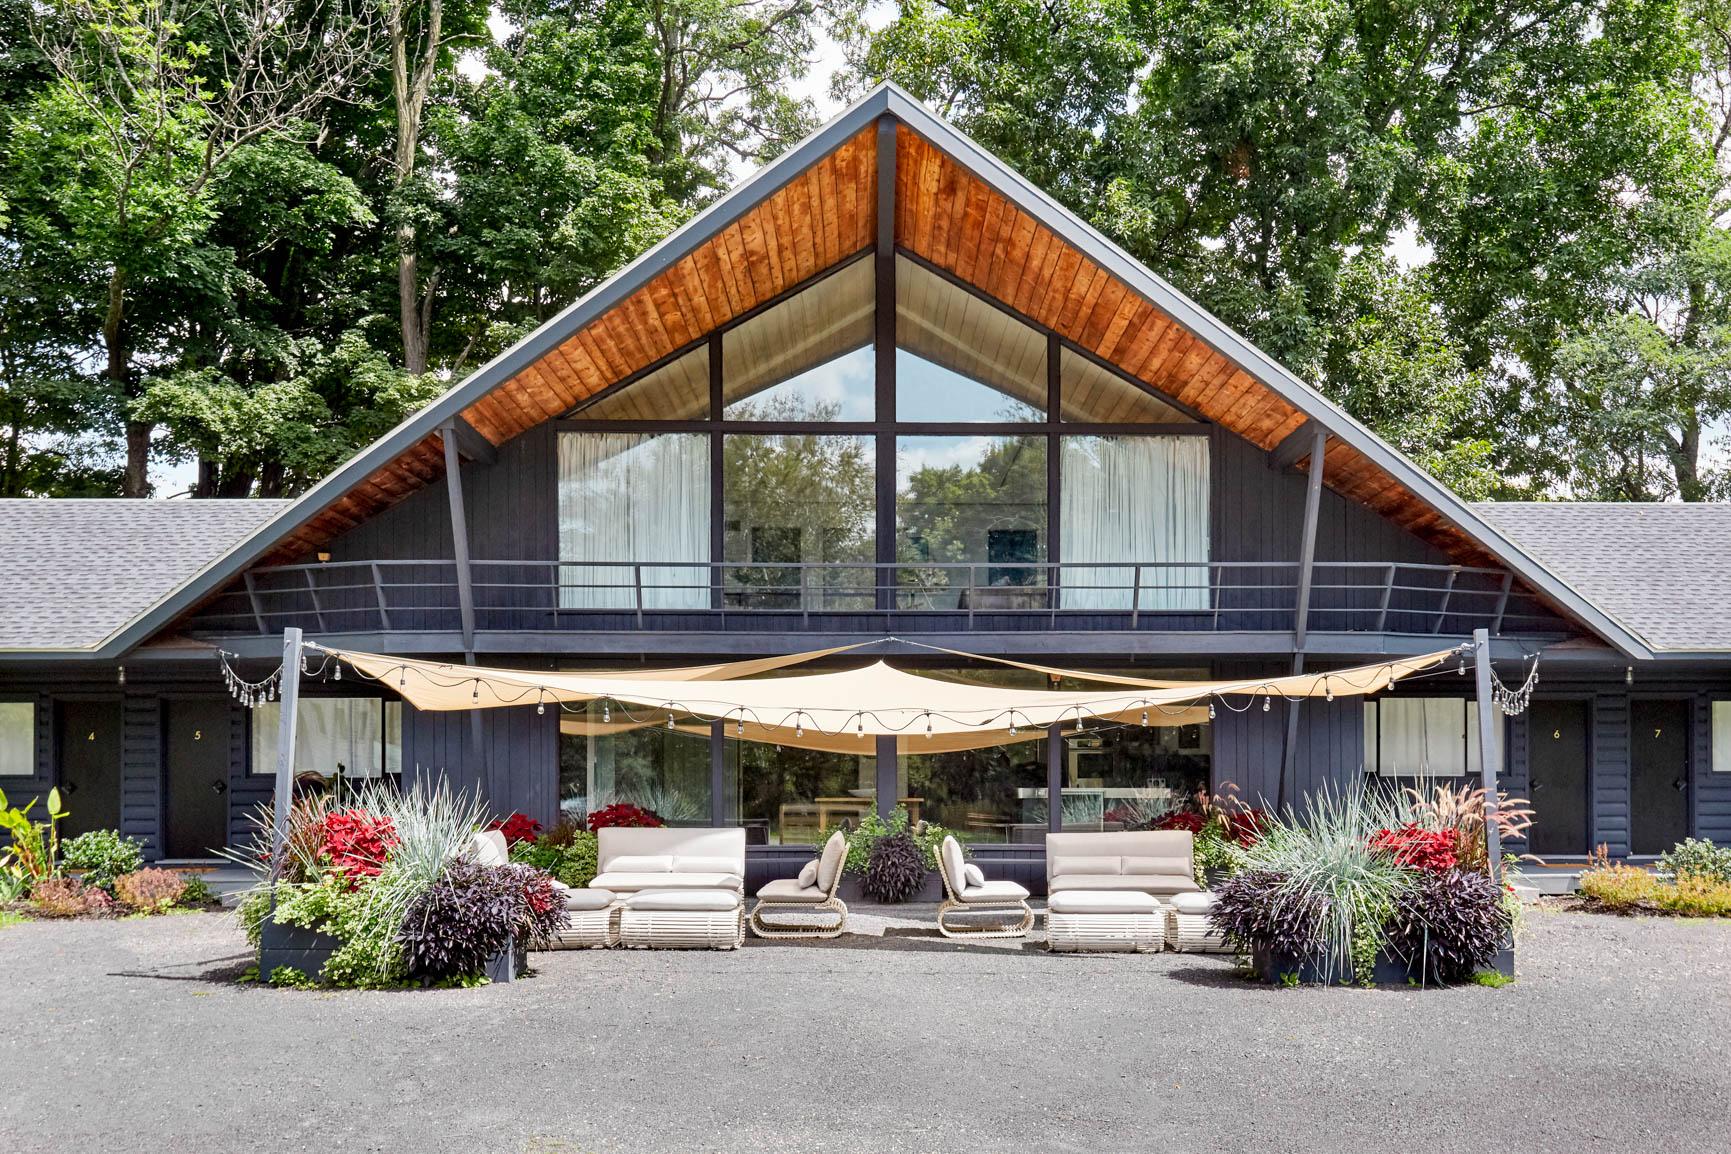 nars-hotel-cabin-upstate-ny-9.jpg